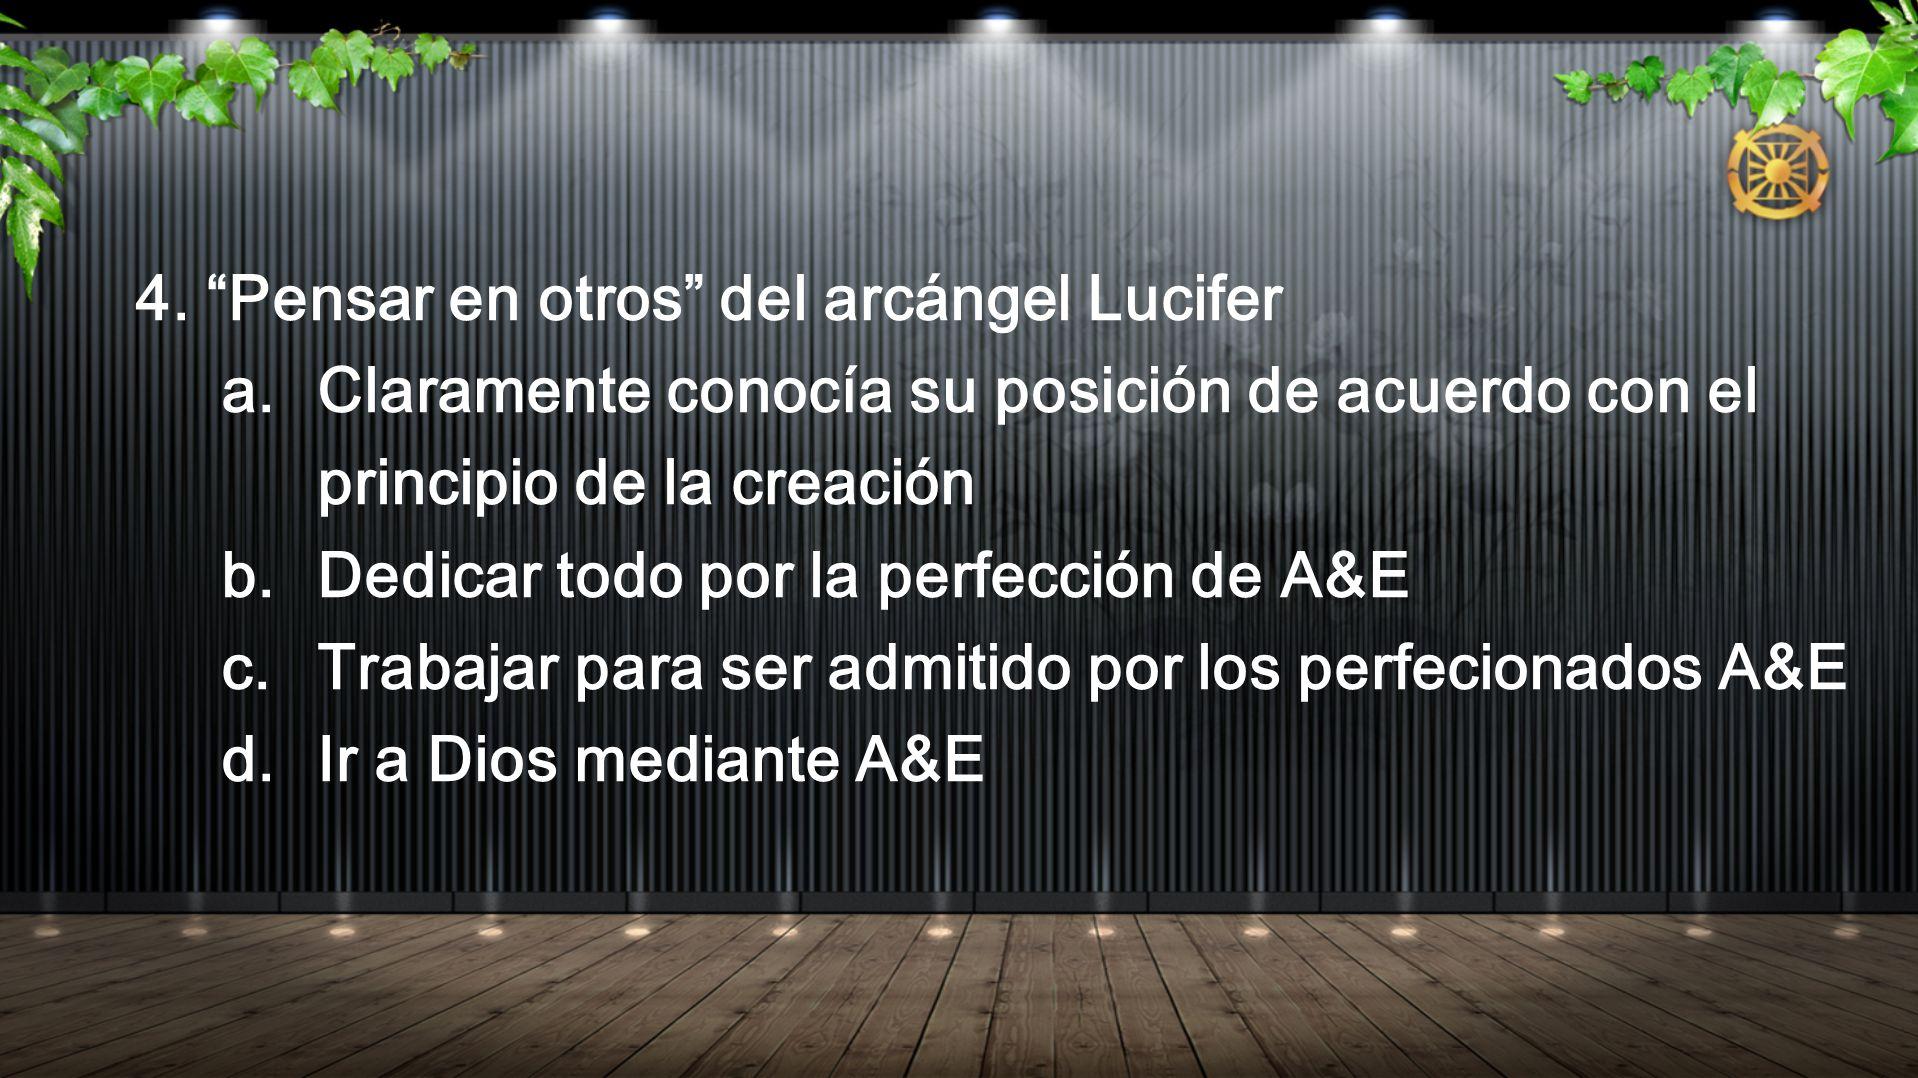 4. Pensar en otros del arcángel Lucifer a.Claramente conocía su posición de acuerdo con el principio de la creación b.Dedicar todo por la perfección d